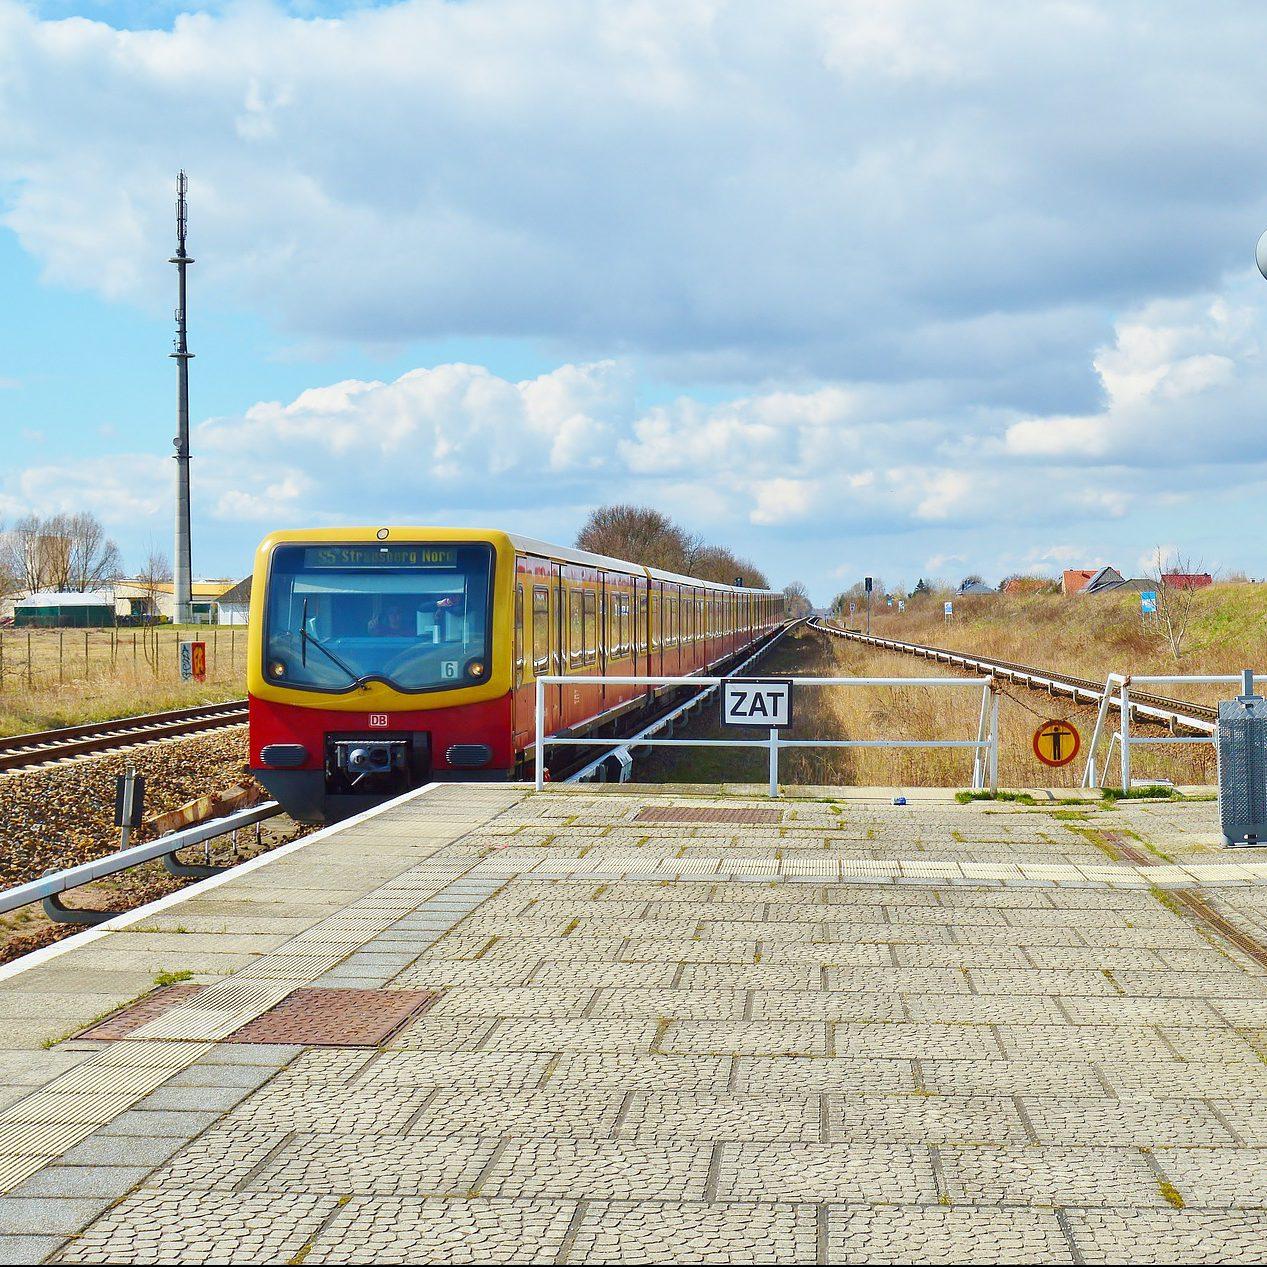 Der öffentliche Personennahverkehr als Rechtsbegriff – Dimensionen einer Neugestaltung unter besonderer Berücksichtigung des ländlichen Raums